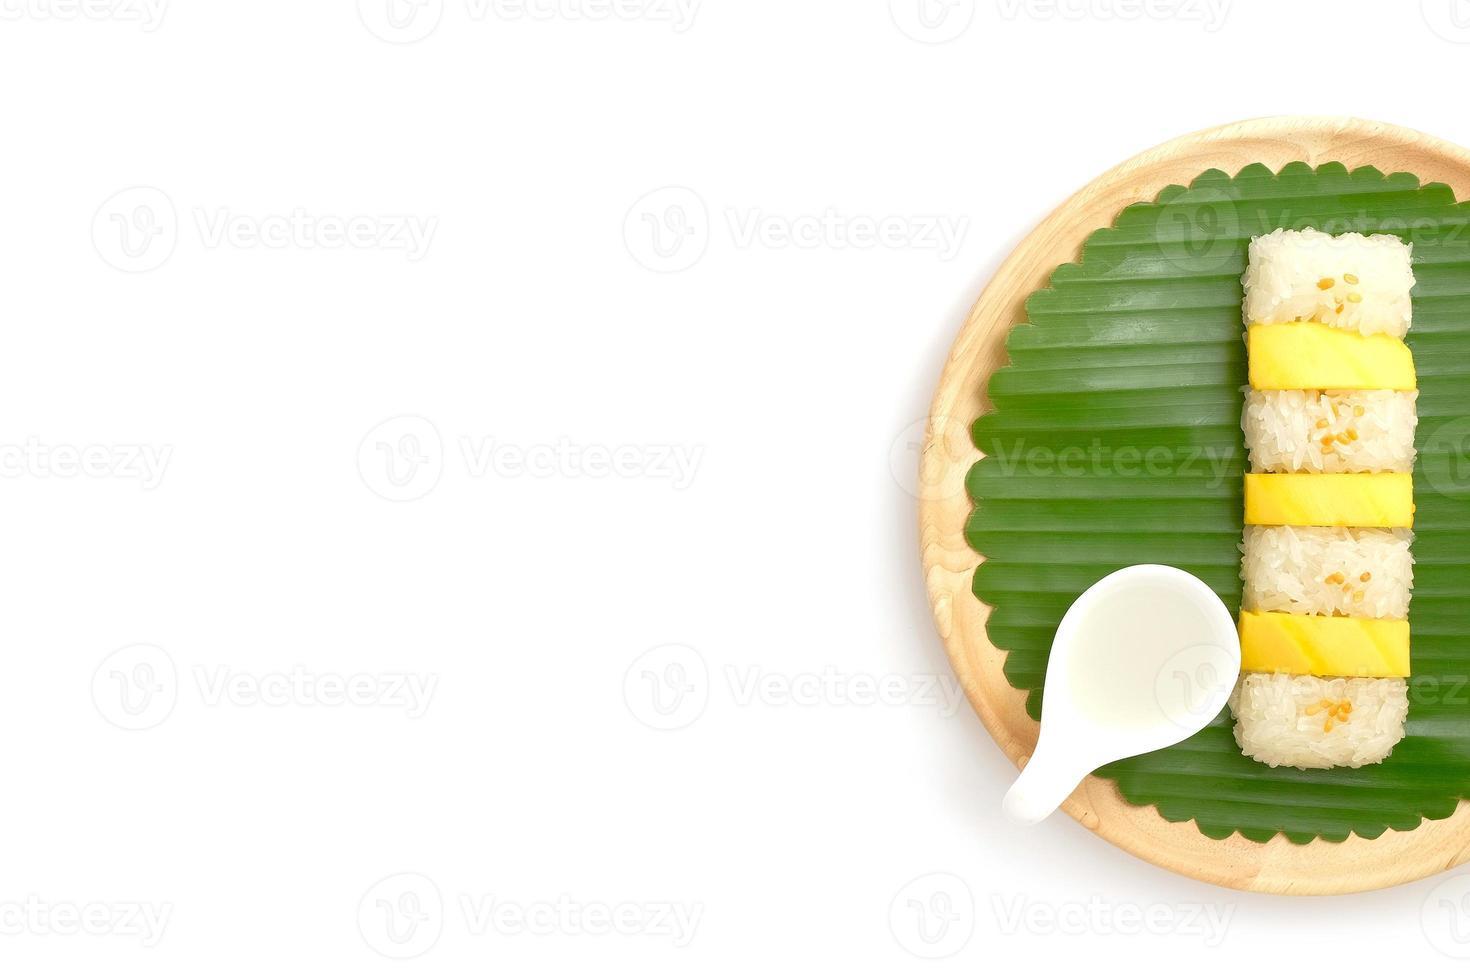 arroz doce tailandês manga doce com leite de coco, fundo branco foto